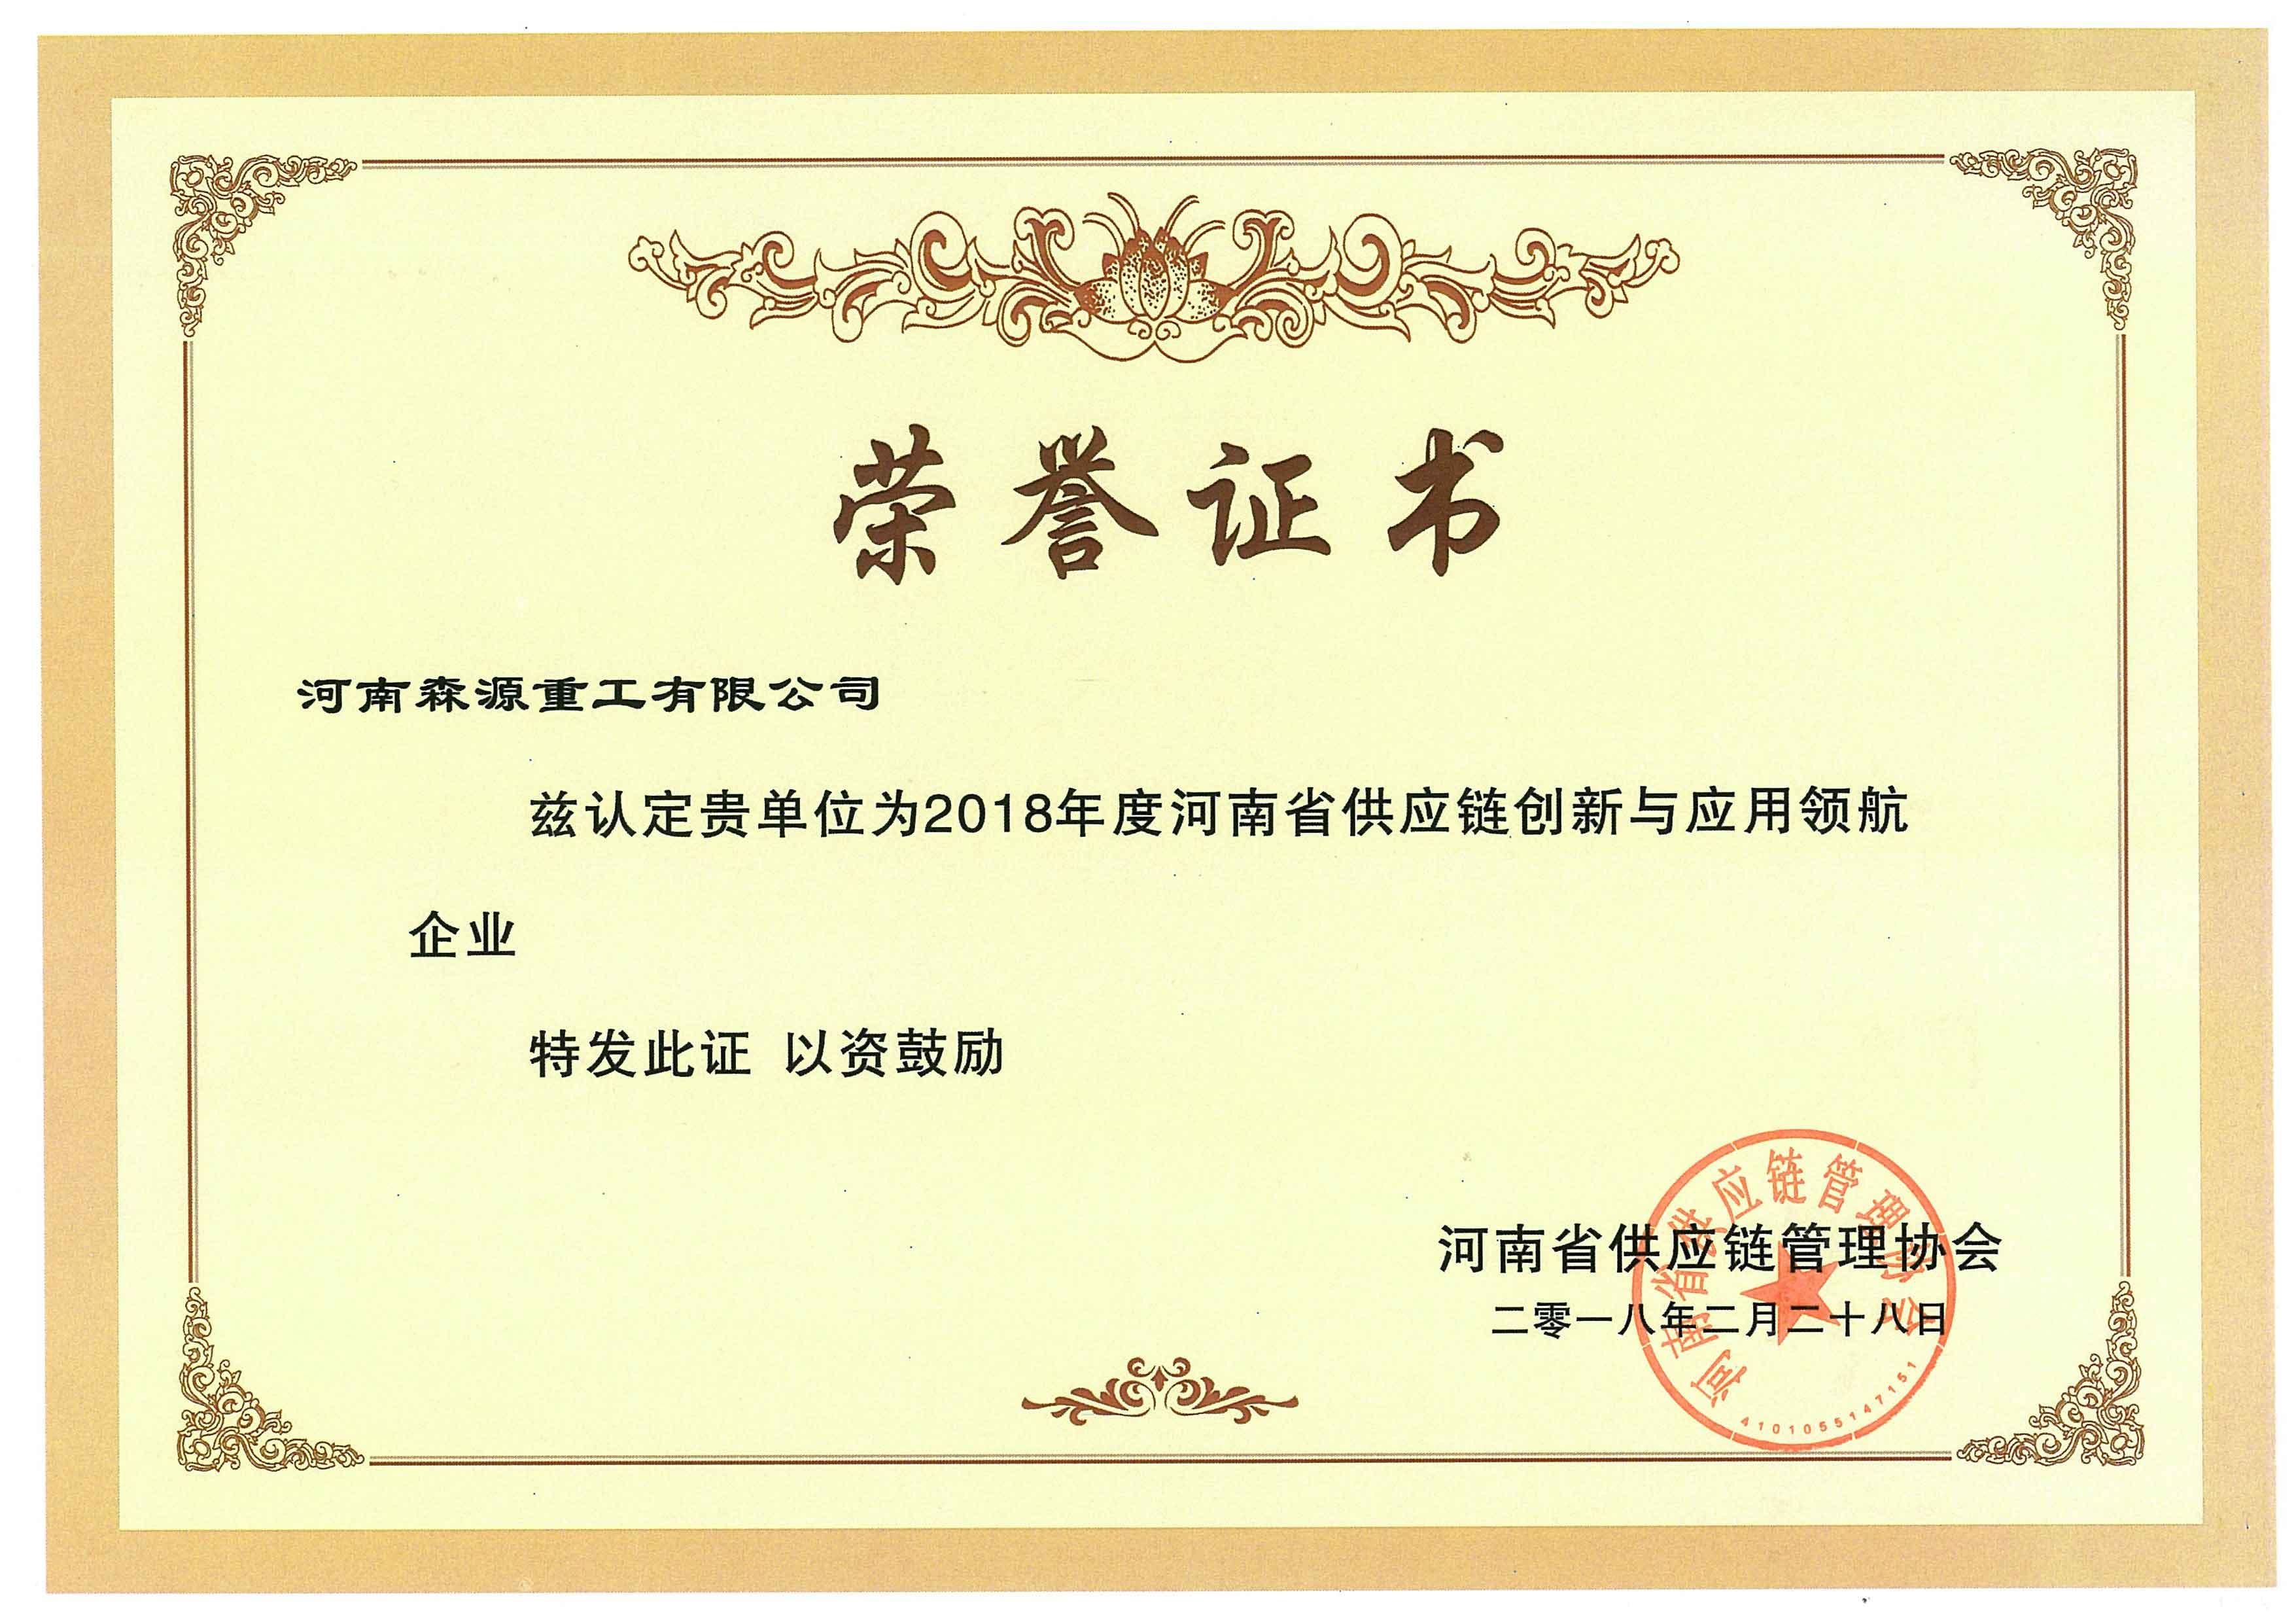 河南省供應鏈創新與應用領航企業